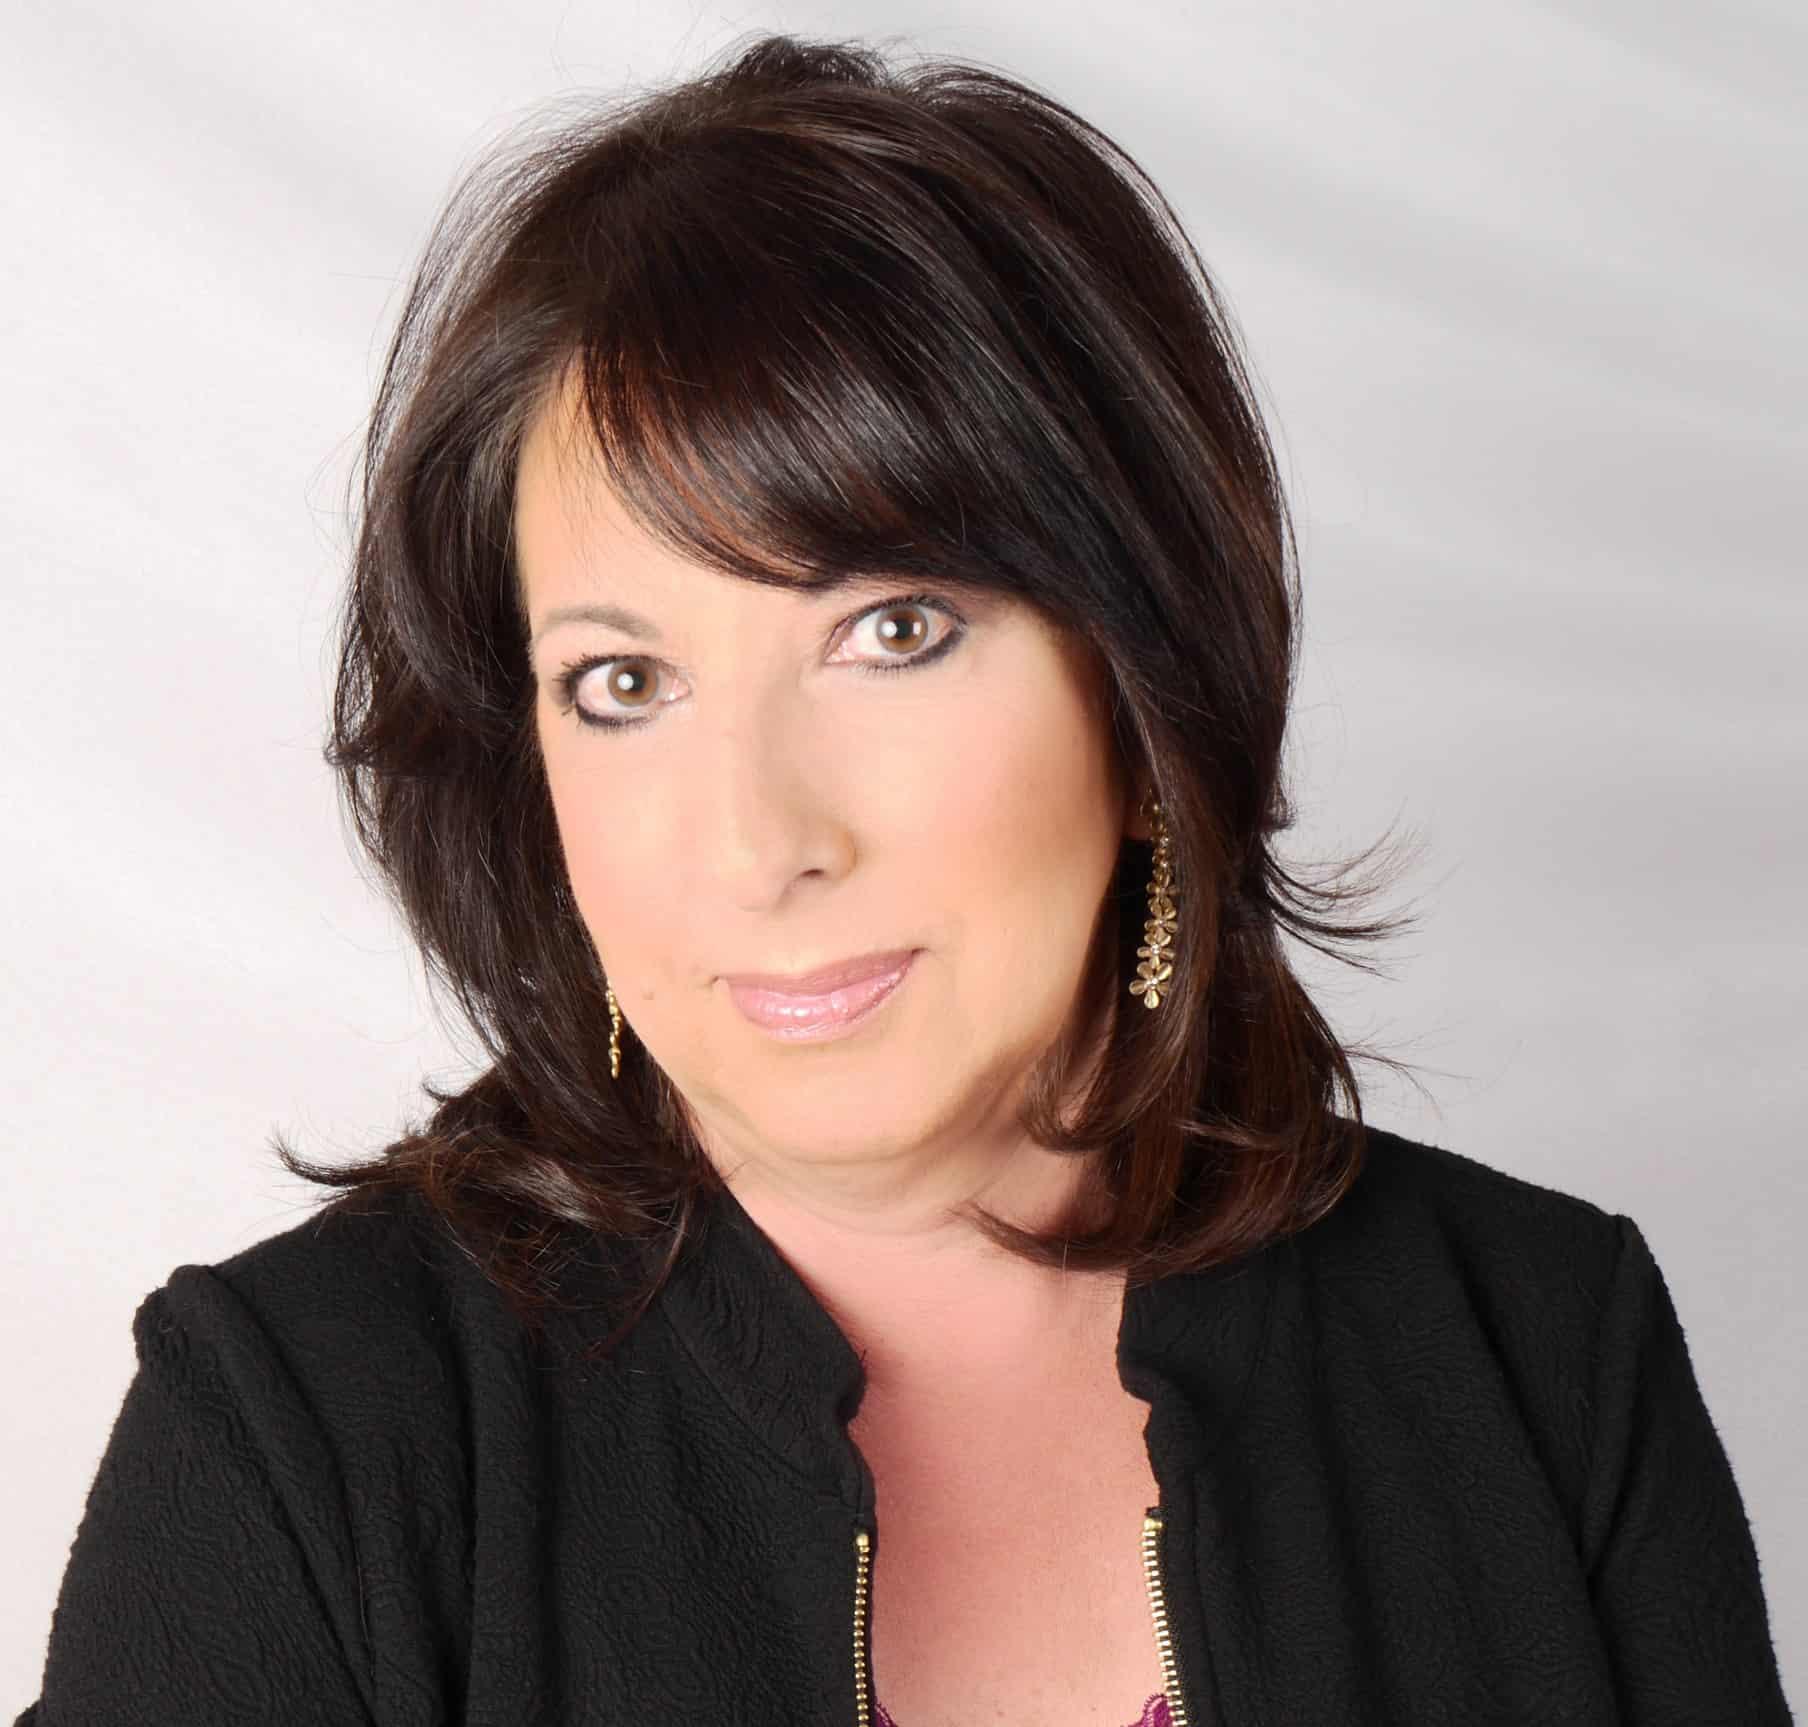 Wendy S. Bornstein